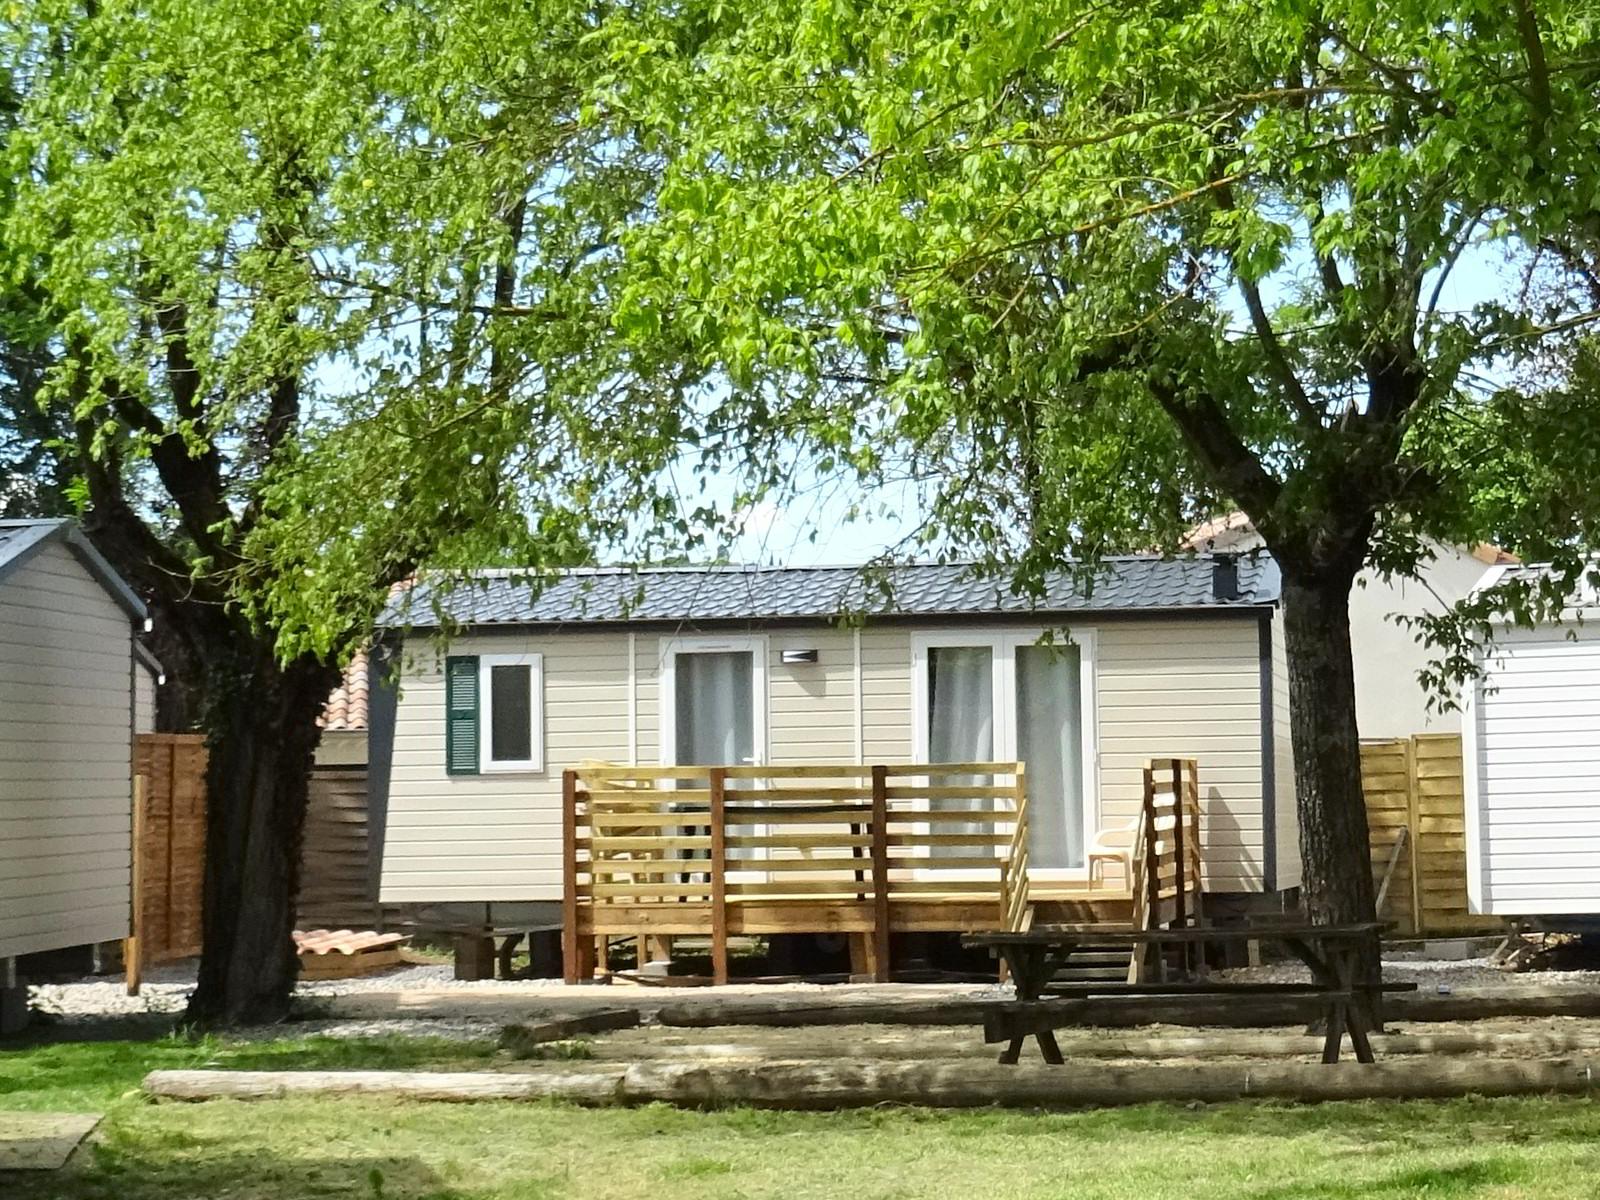 Nouveau mobil-home 2 chambres, pour 4 personnes - 2021